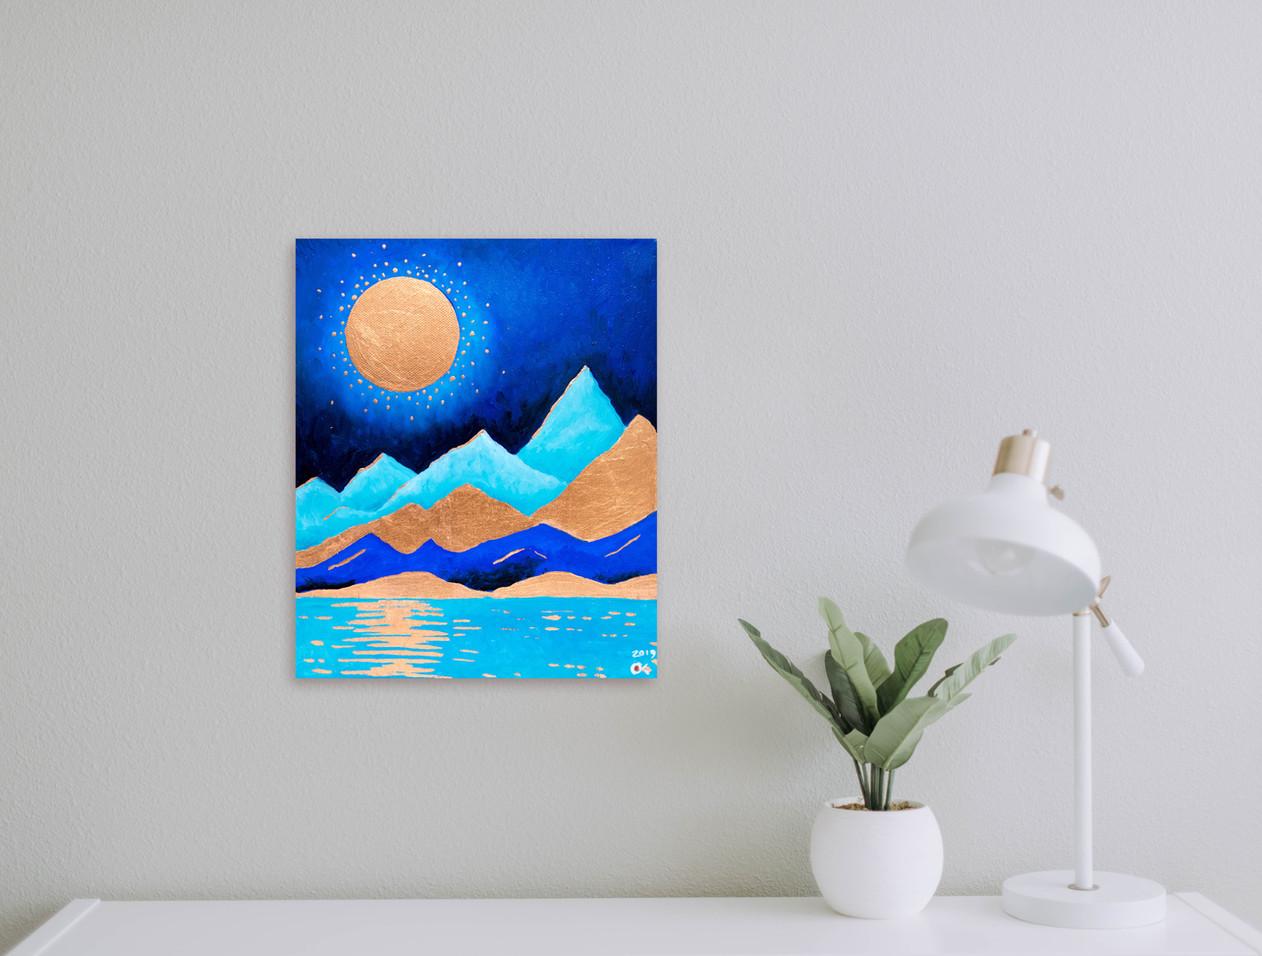 Life on Mars series of paintings